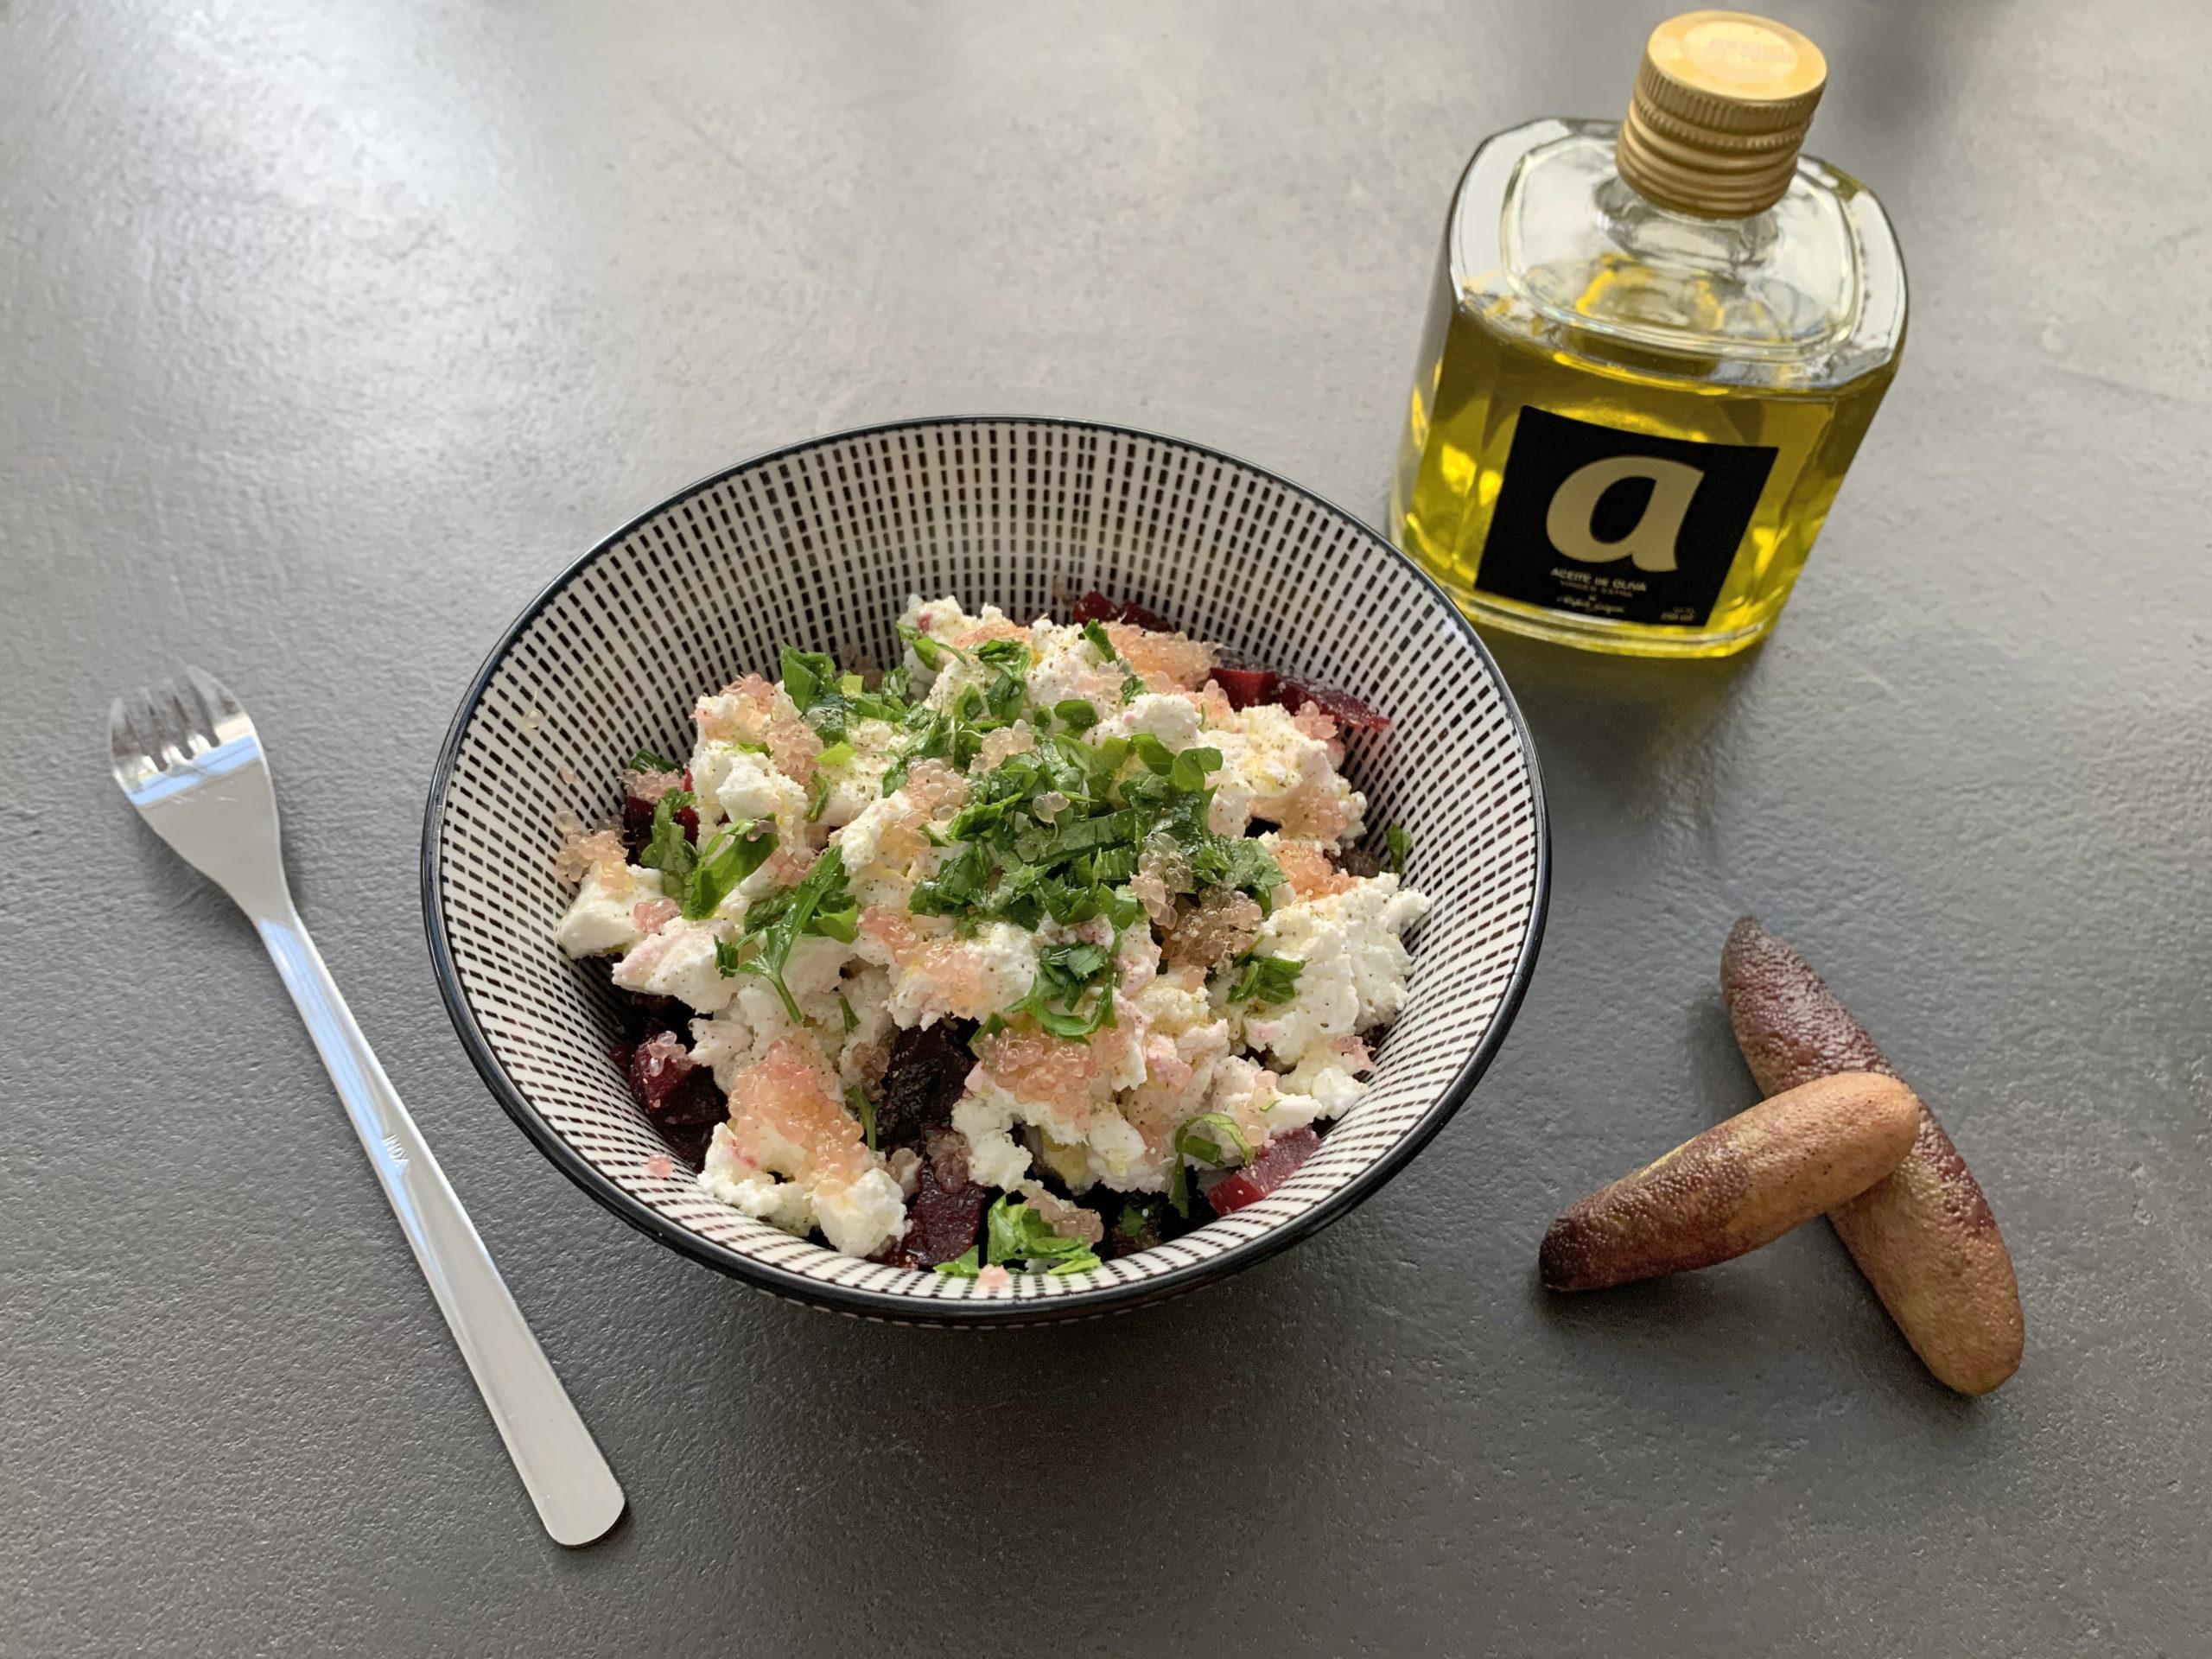 salade de bettraves chèvre frais et citron caviar